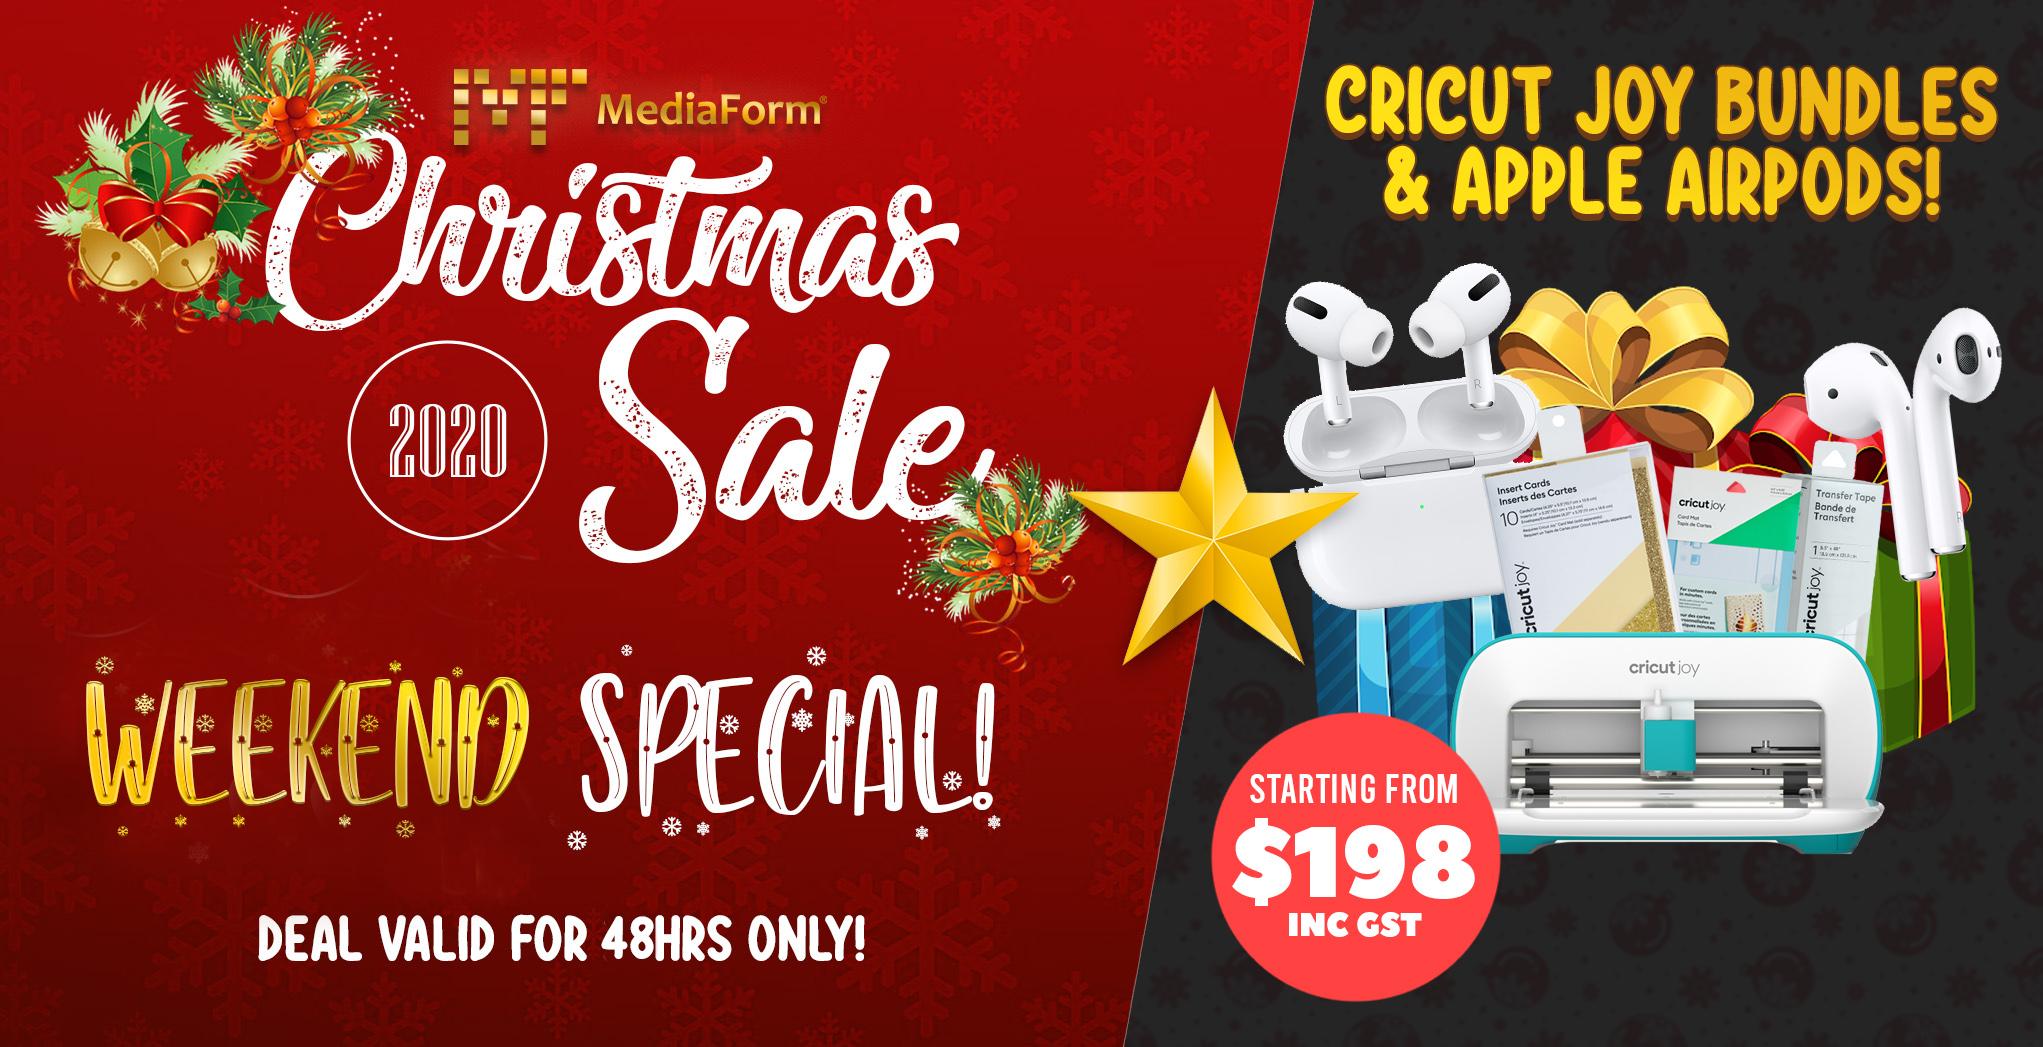 Weekend Deals: Cricut Joy & Apple AirPods